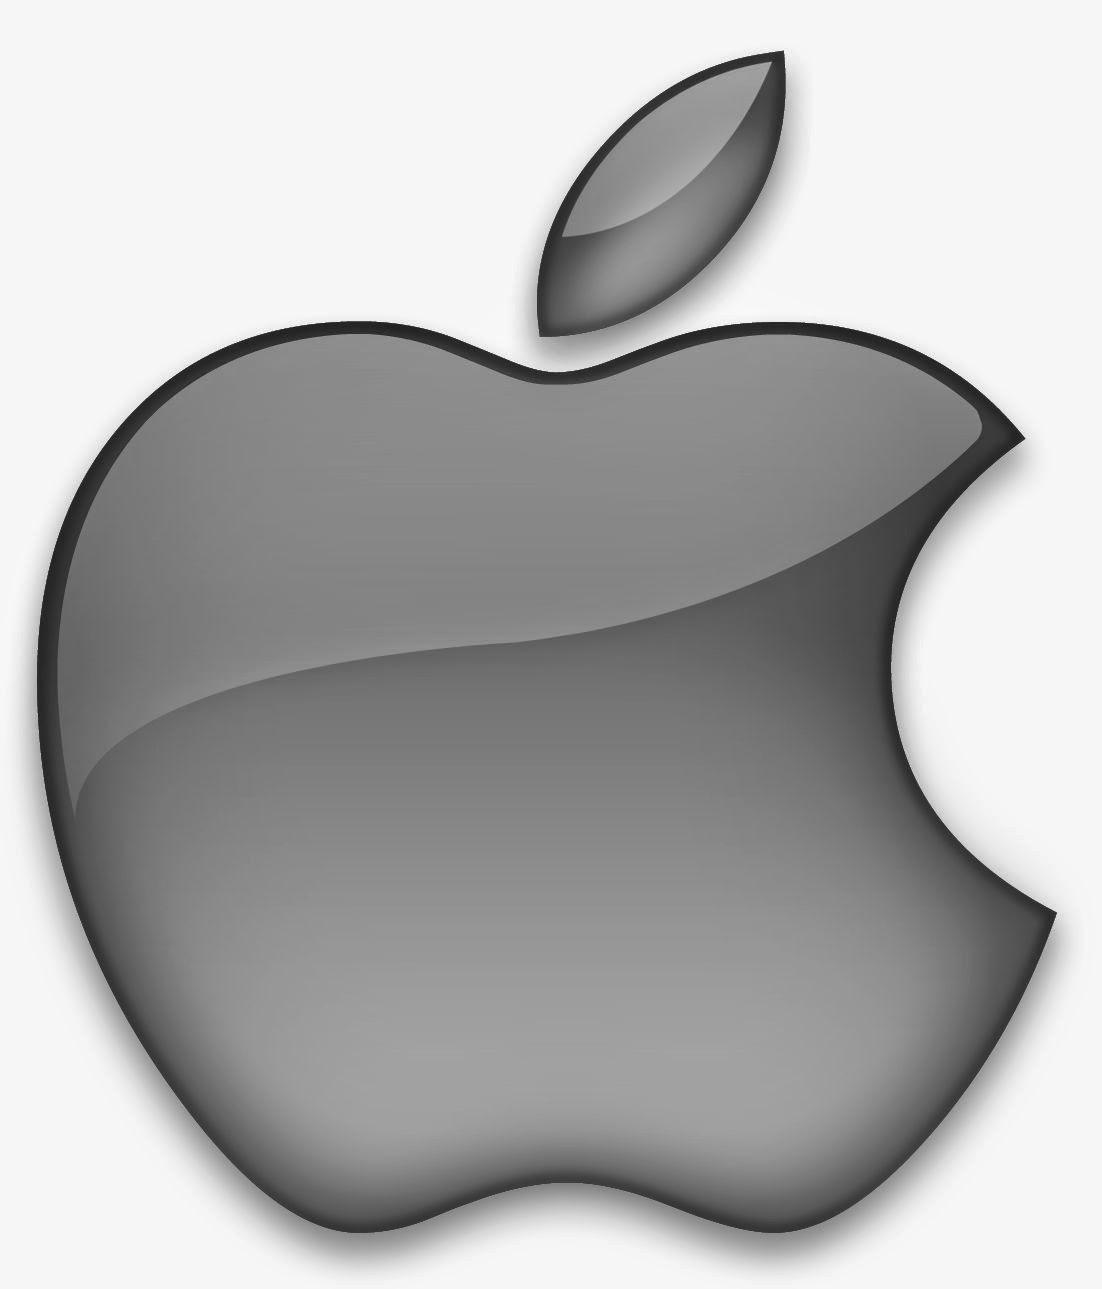 Harga Apple MacBook Air Januari 2015